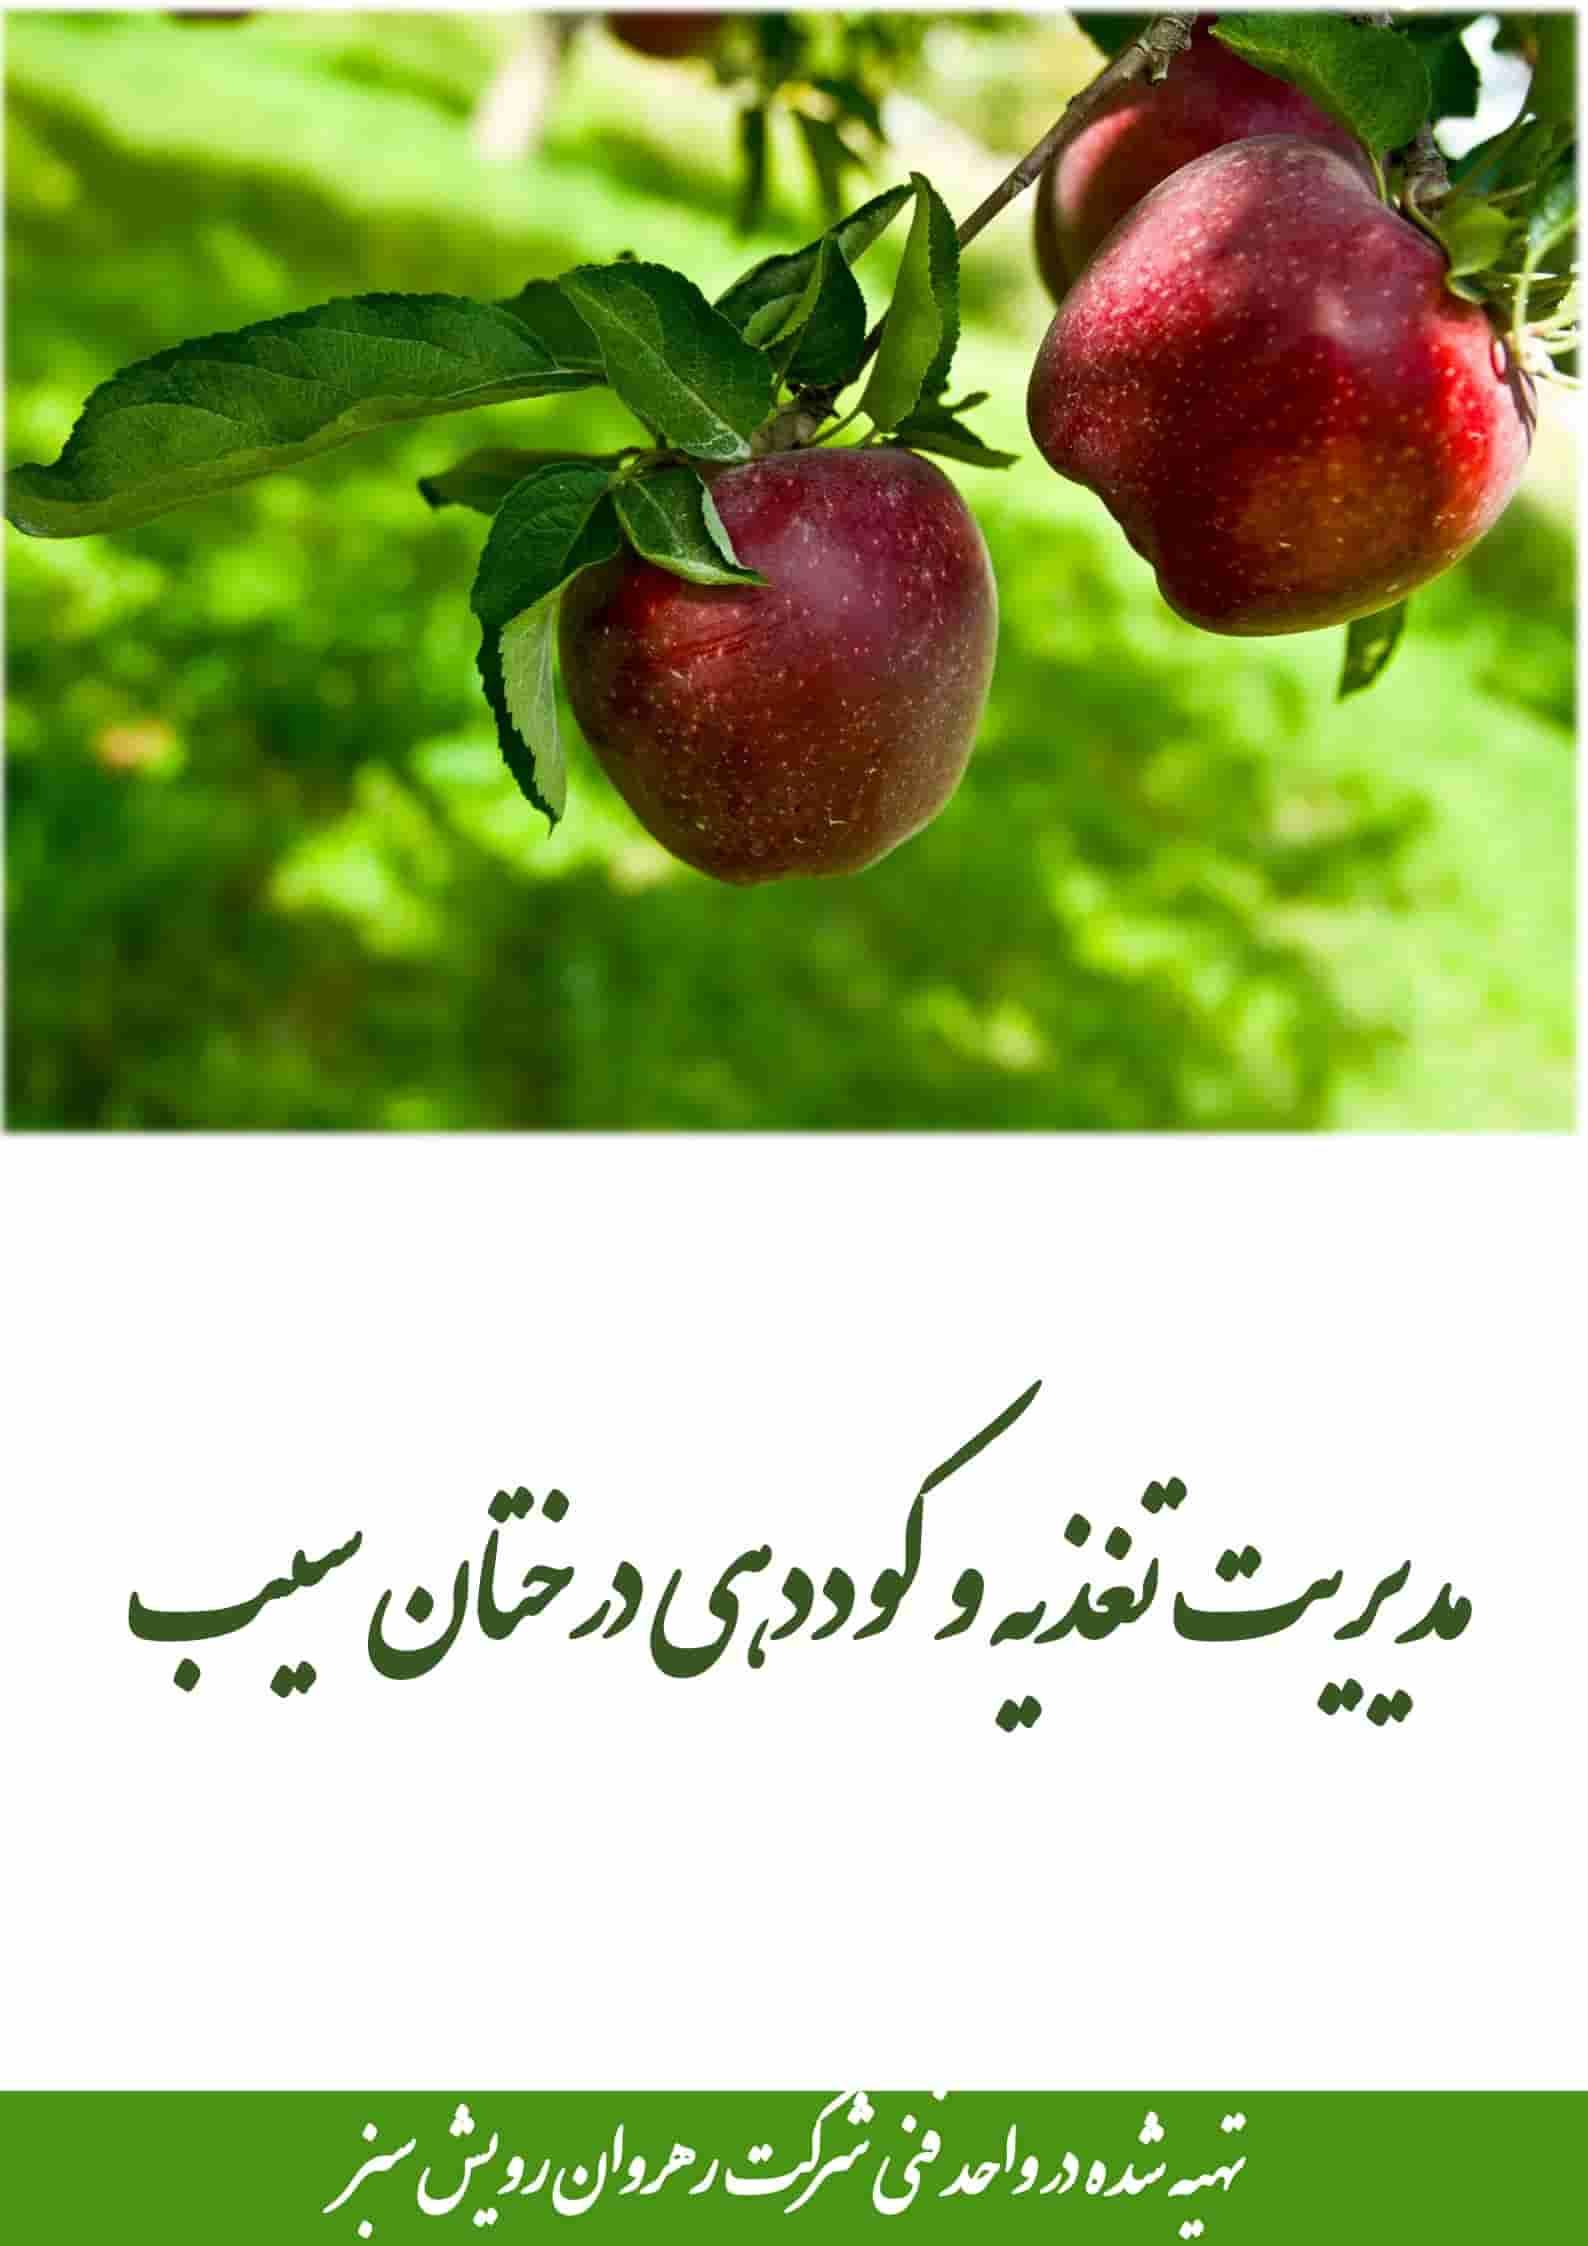 مدیریت تغذیه و کوددهی درخت سیب